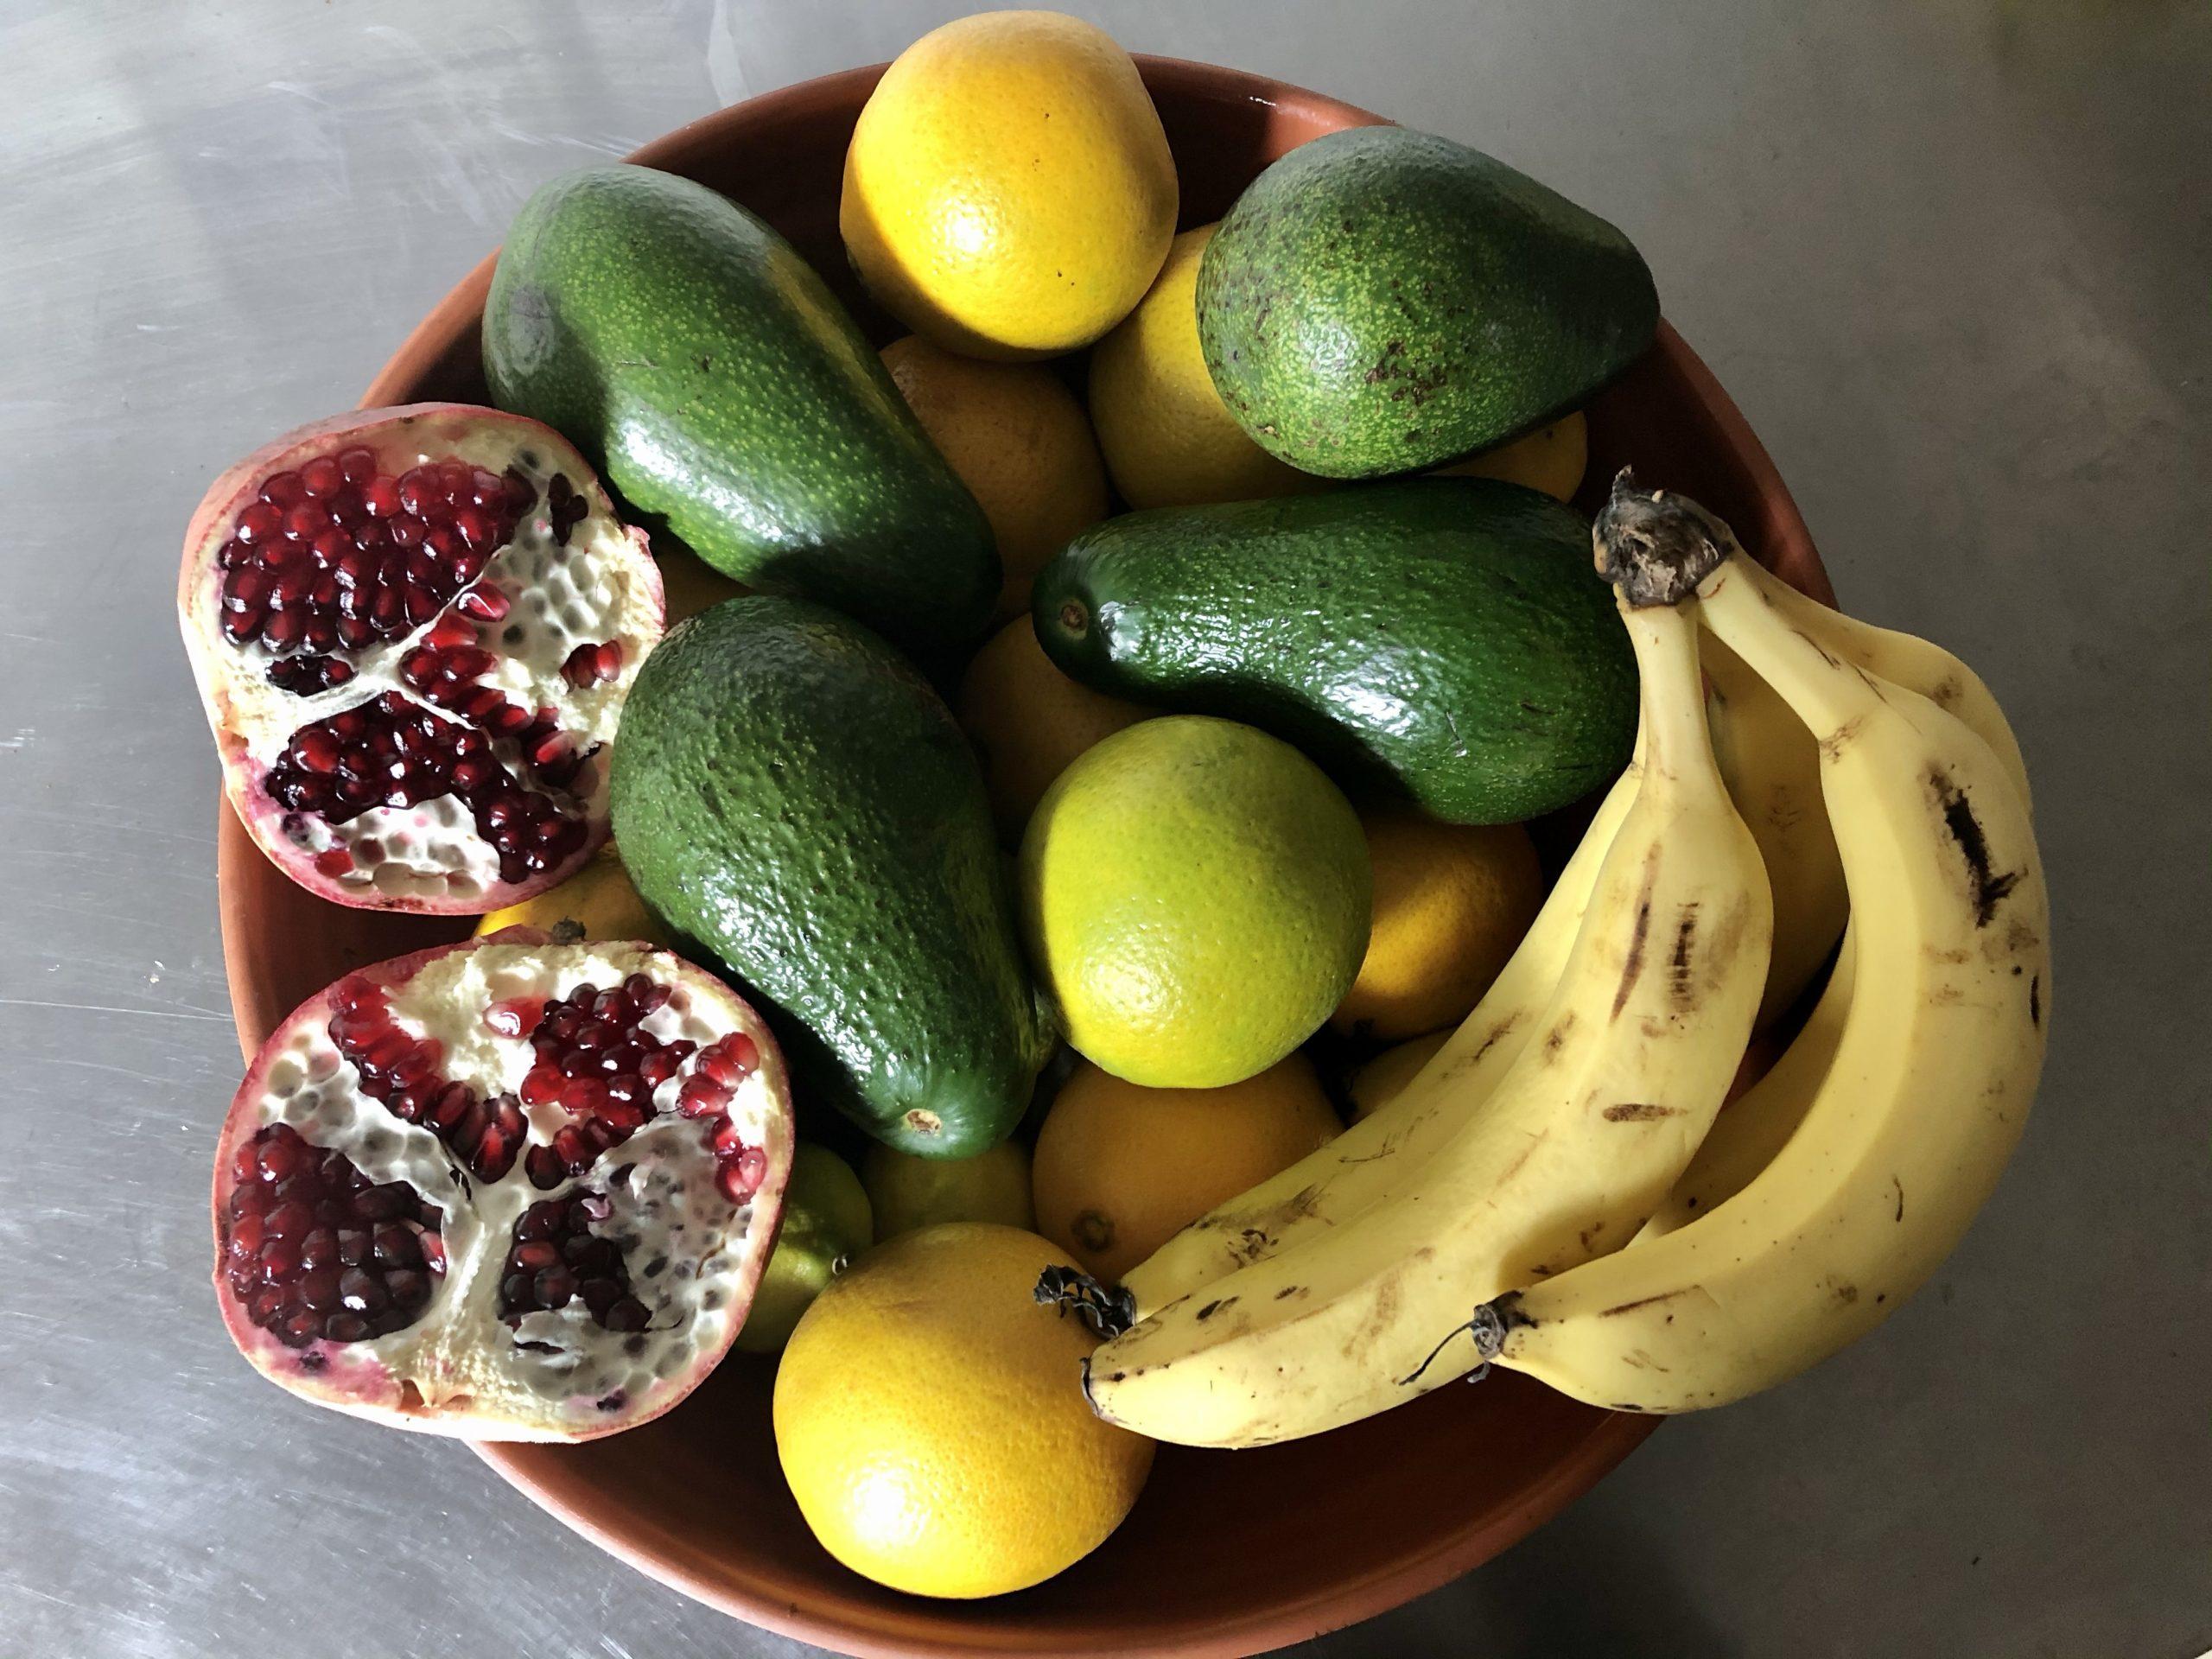 Autumn Still Life: Avocado, Pomegranates, Bananas and Oranges